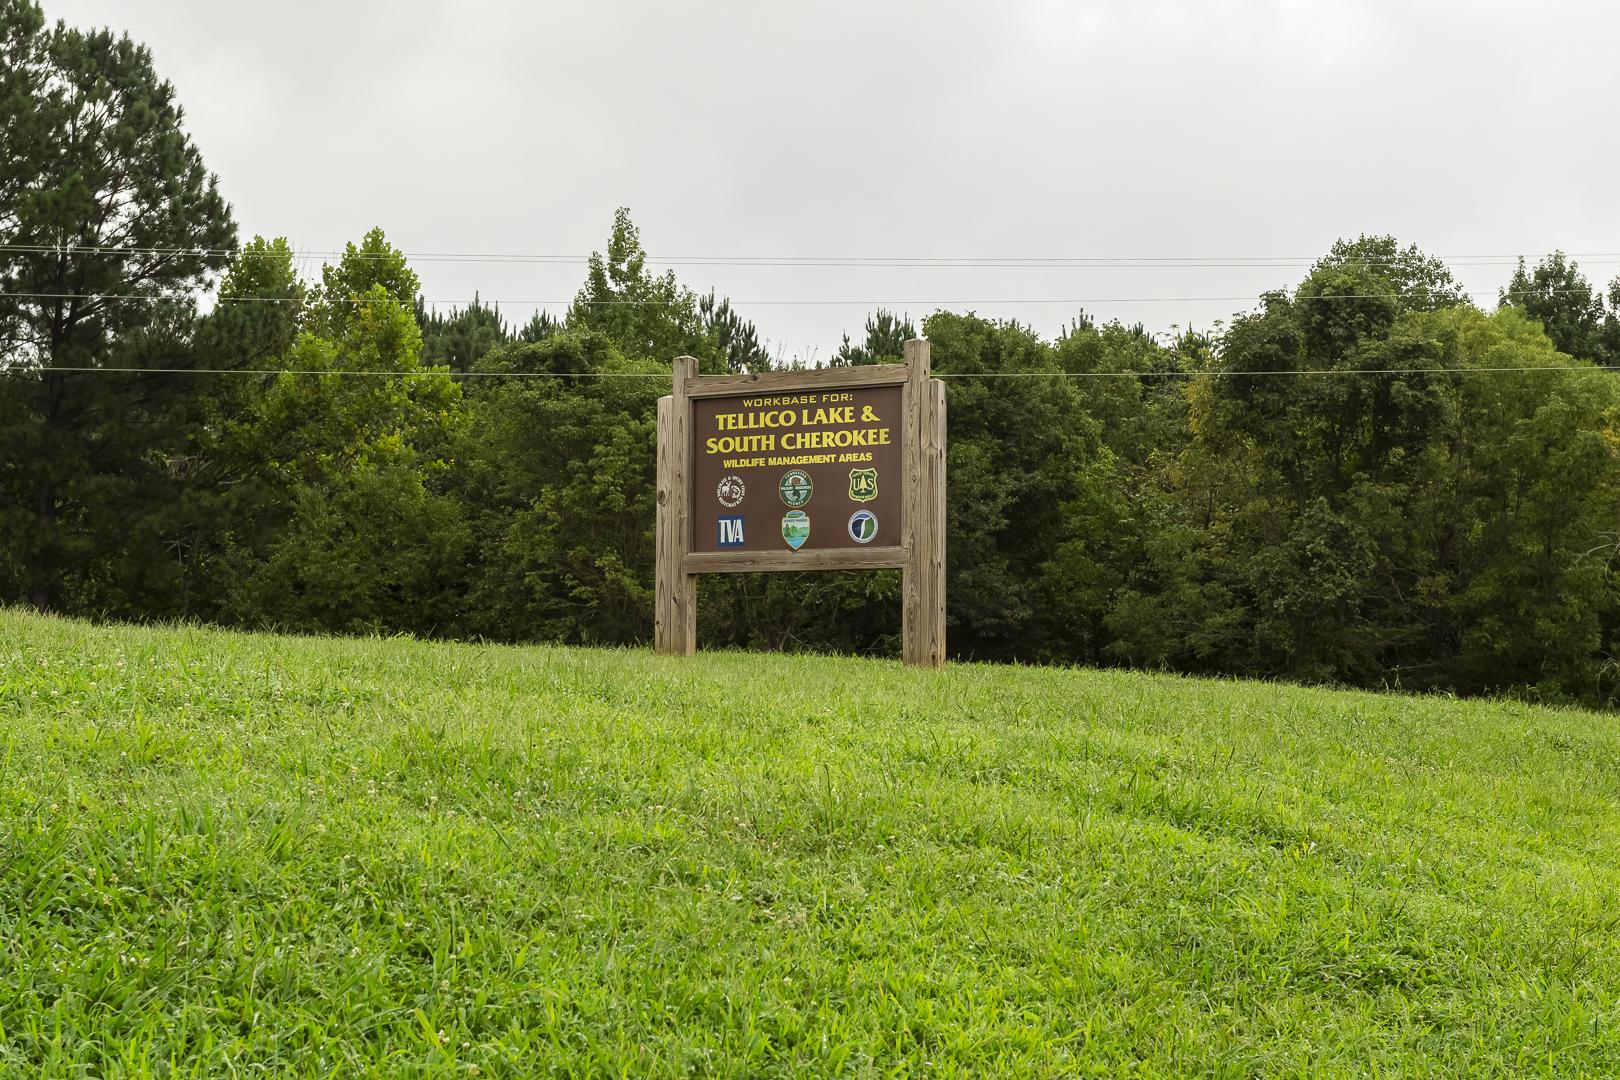 Lot 3 Mt Vista Drive: